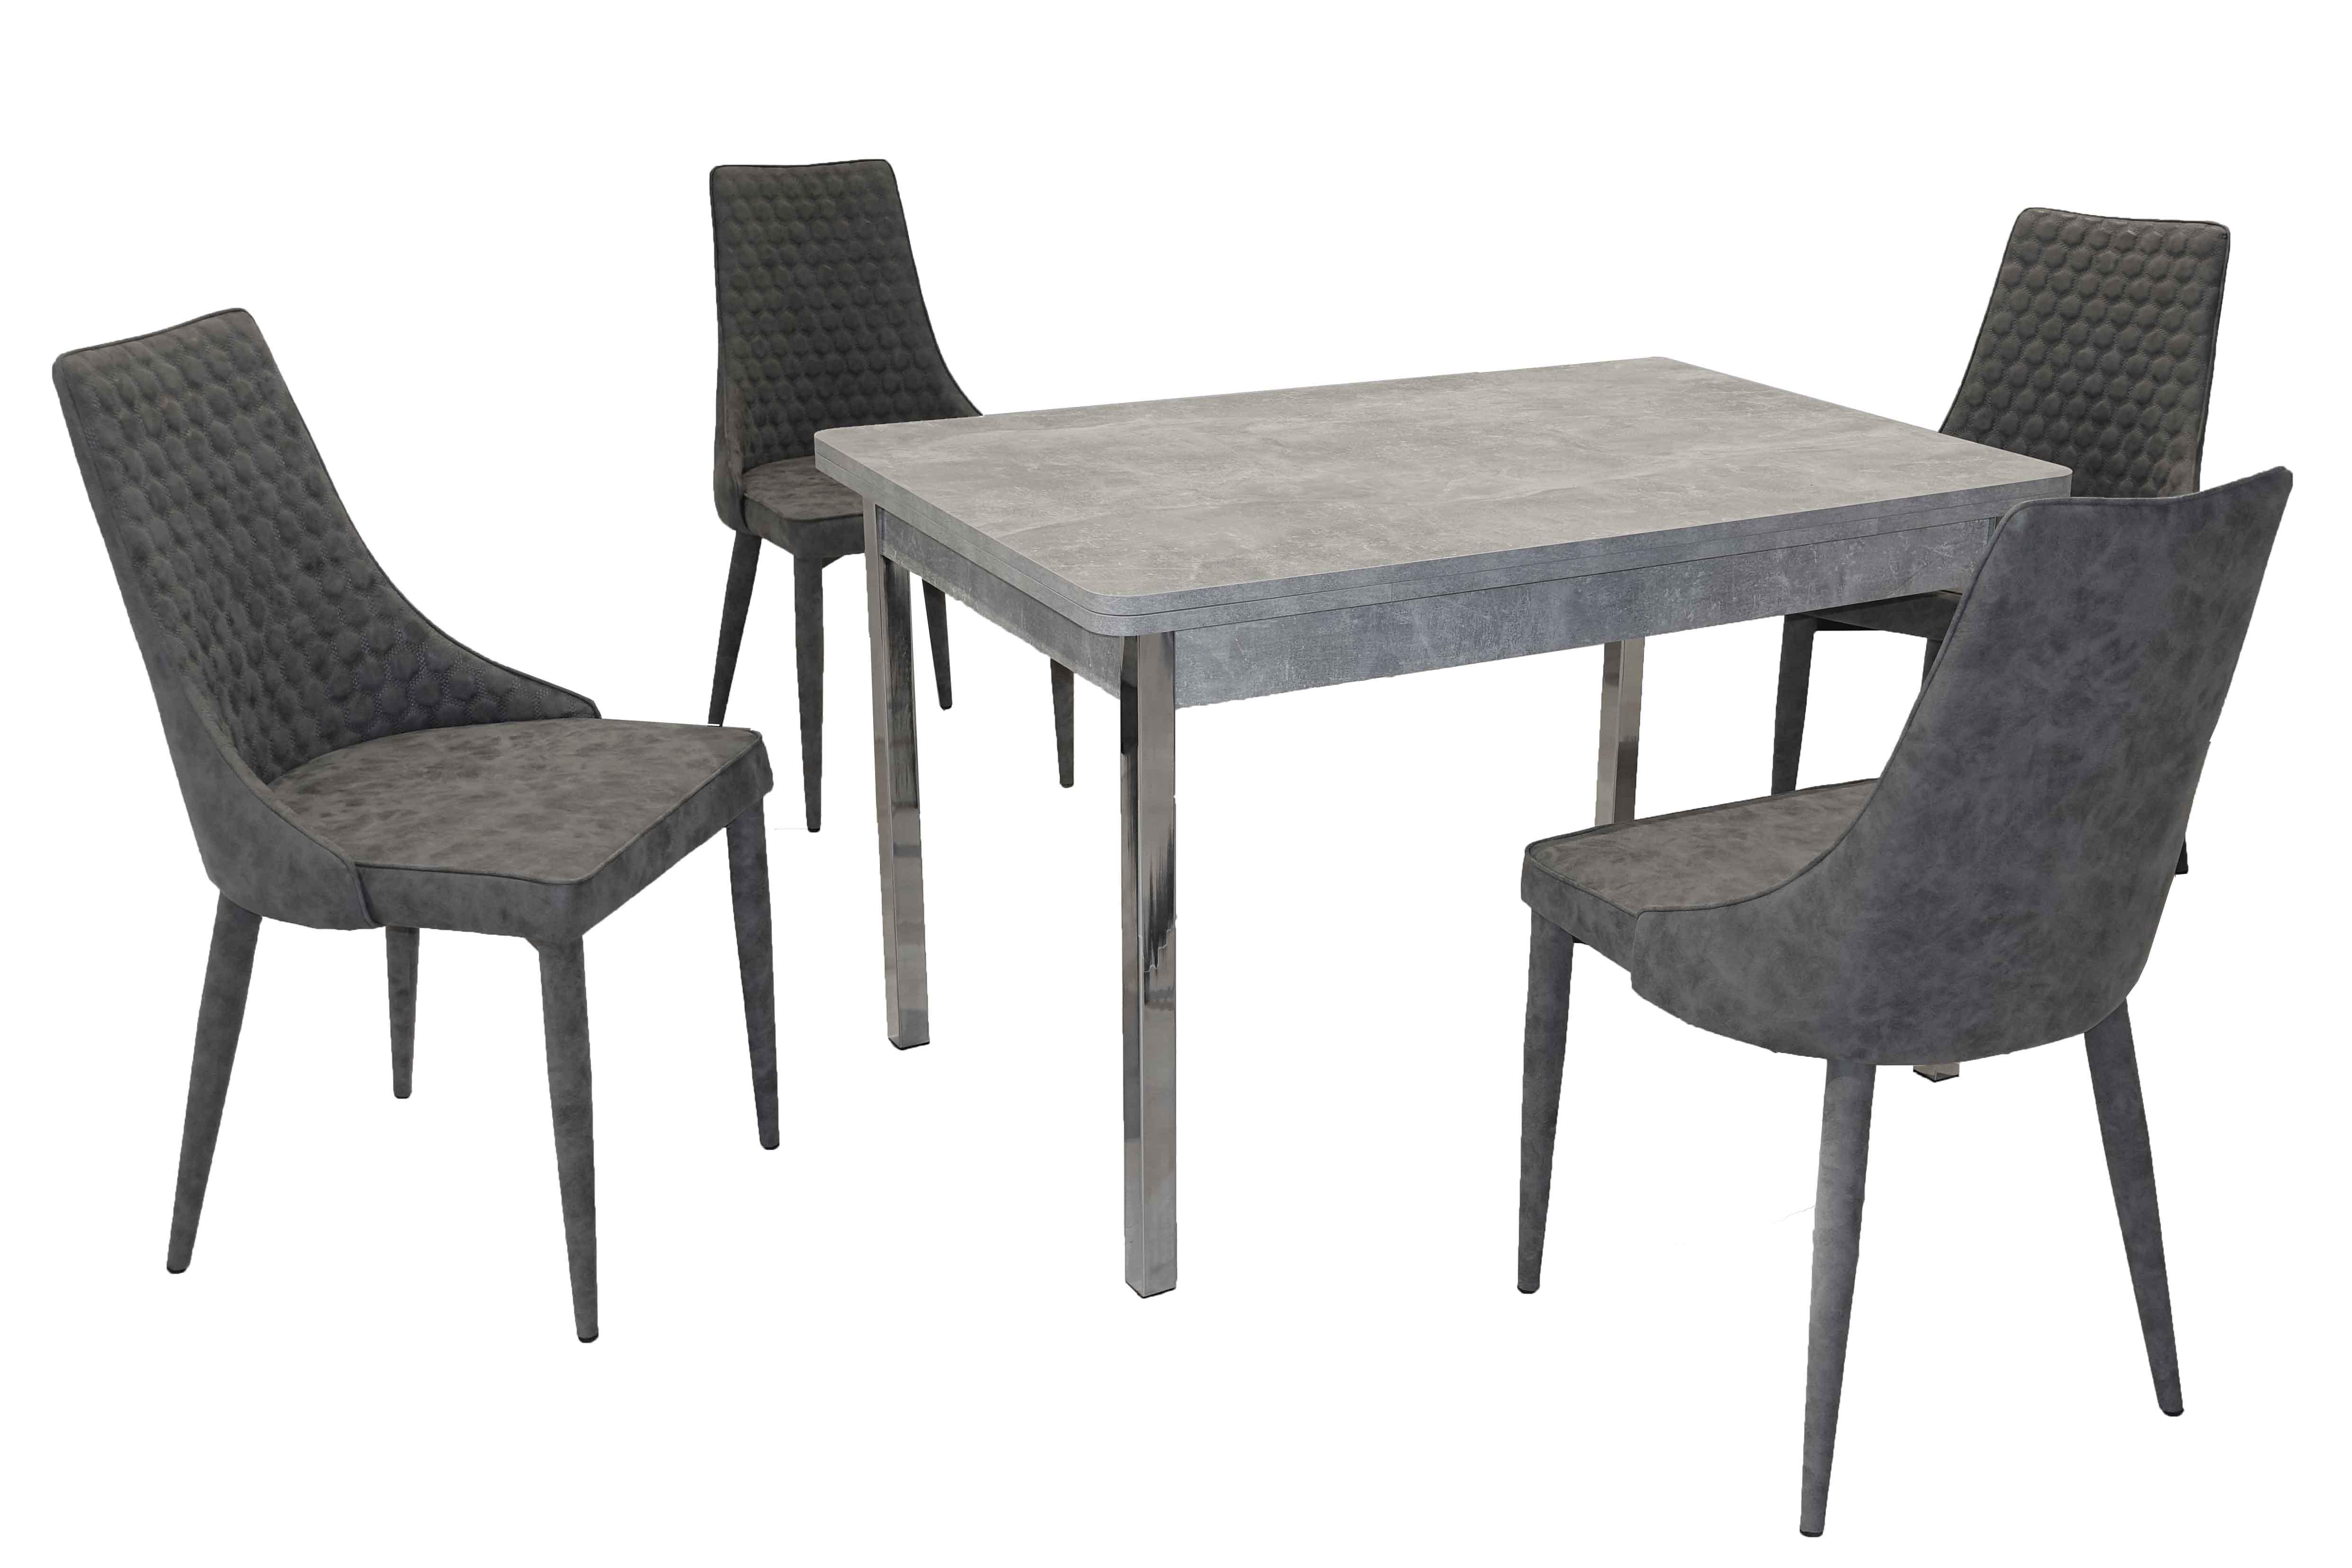 Details zu Tischgruppe Sitzgruppe Vicky Hermes 5 Esszimmerstühle Esstisch ausziehbar Beton